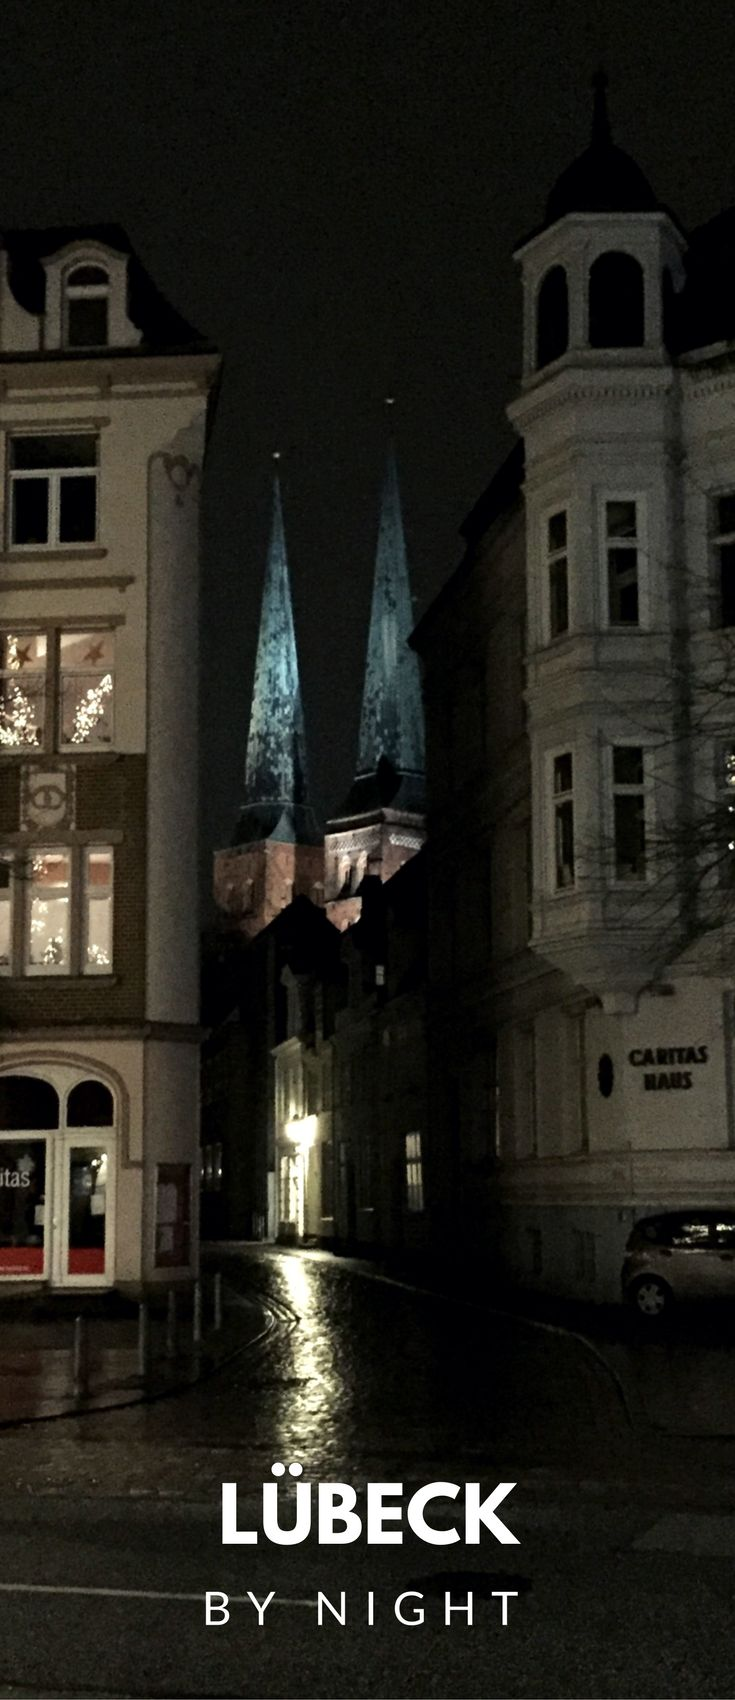 Einfach verzaubernd - Lübeck bei Nacht: Schon bei Tag ist die Stadt ein Traum - aber nachts zeigt sich ihre wahre Schönheit! #lübeck #tipps #sehenswürdigkeiten #travelblog